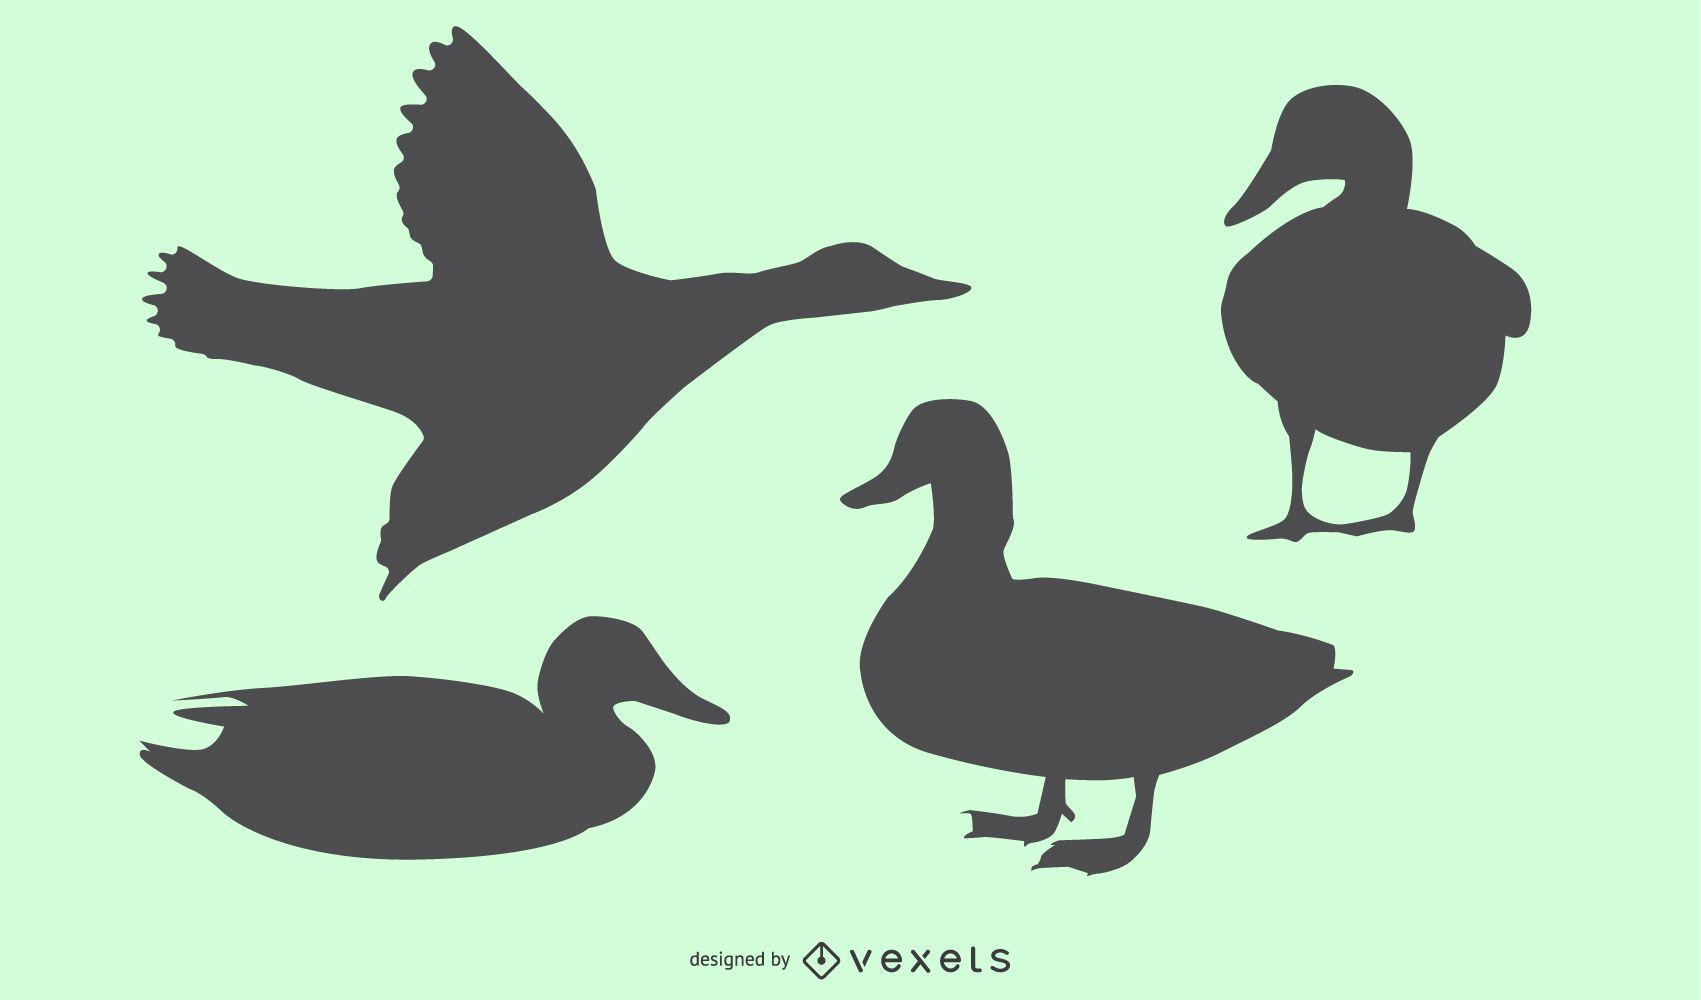 Diseño de silueta de pato